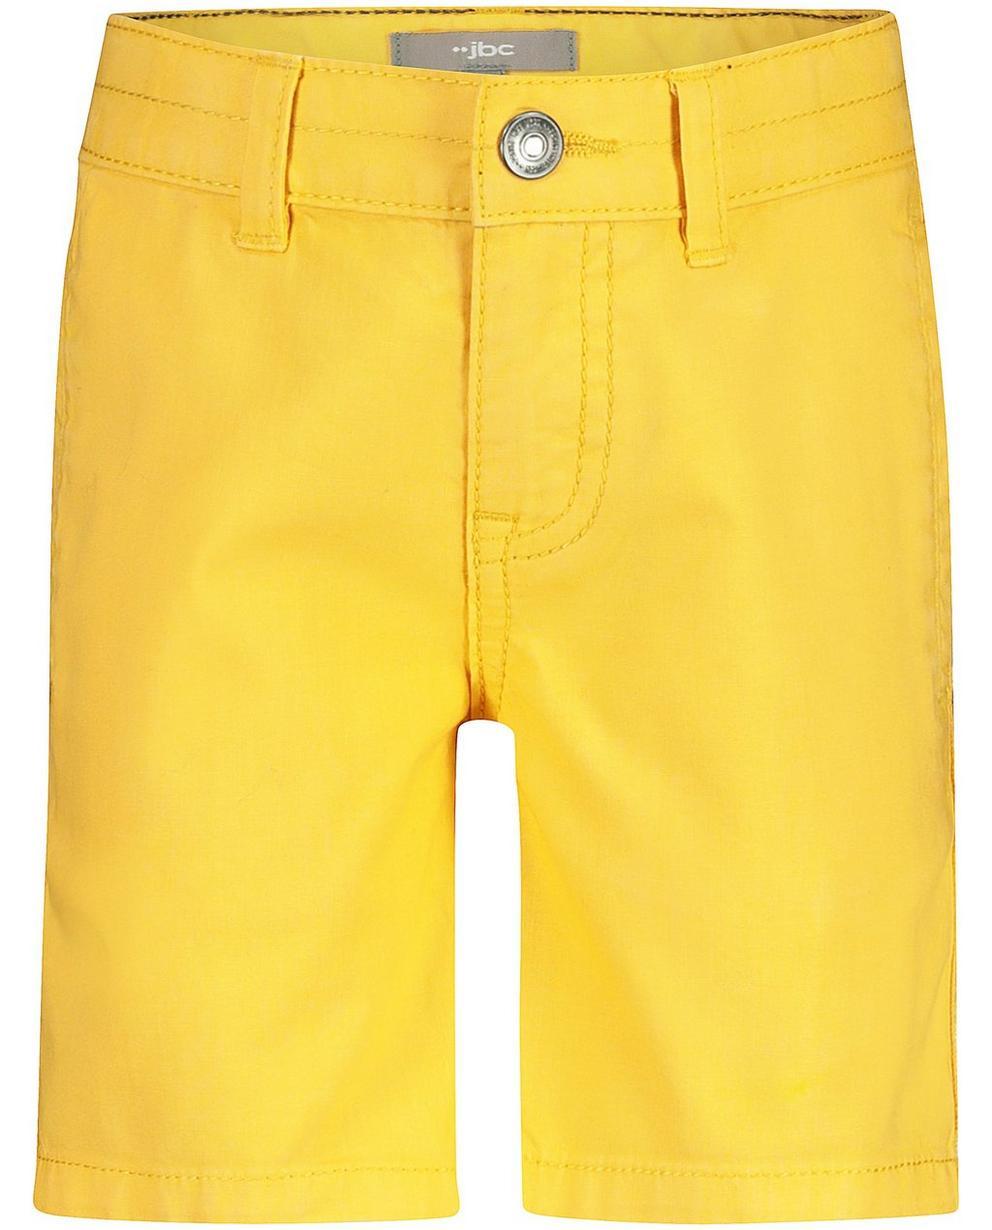 Shorts - Ockergelb - Shorts mit Streifen, 2-7 Jahre